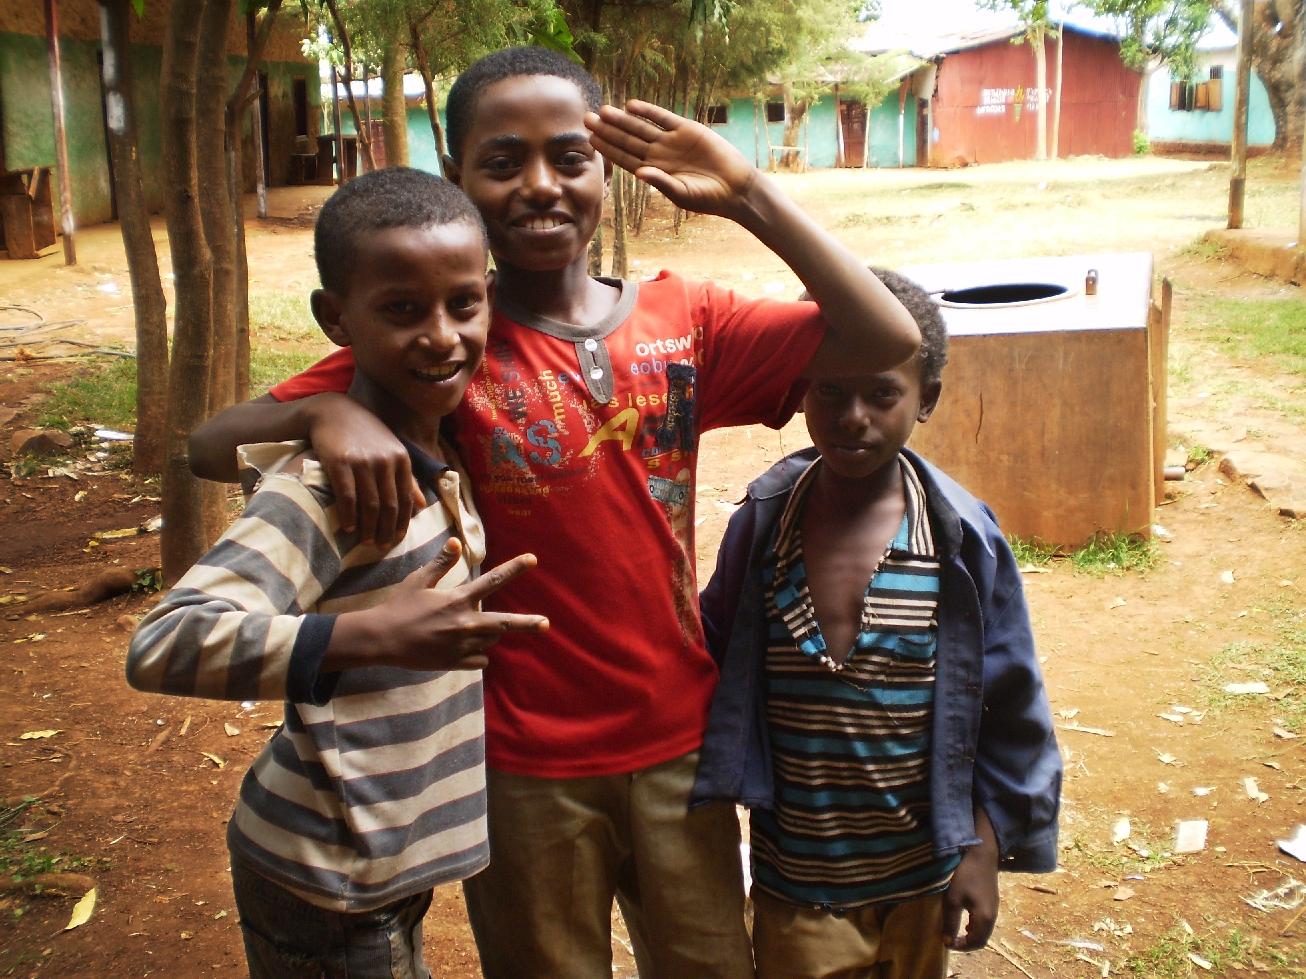 ETHIOPIA_BOYS